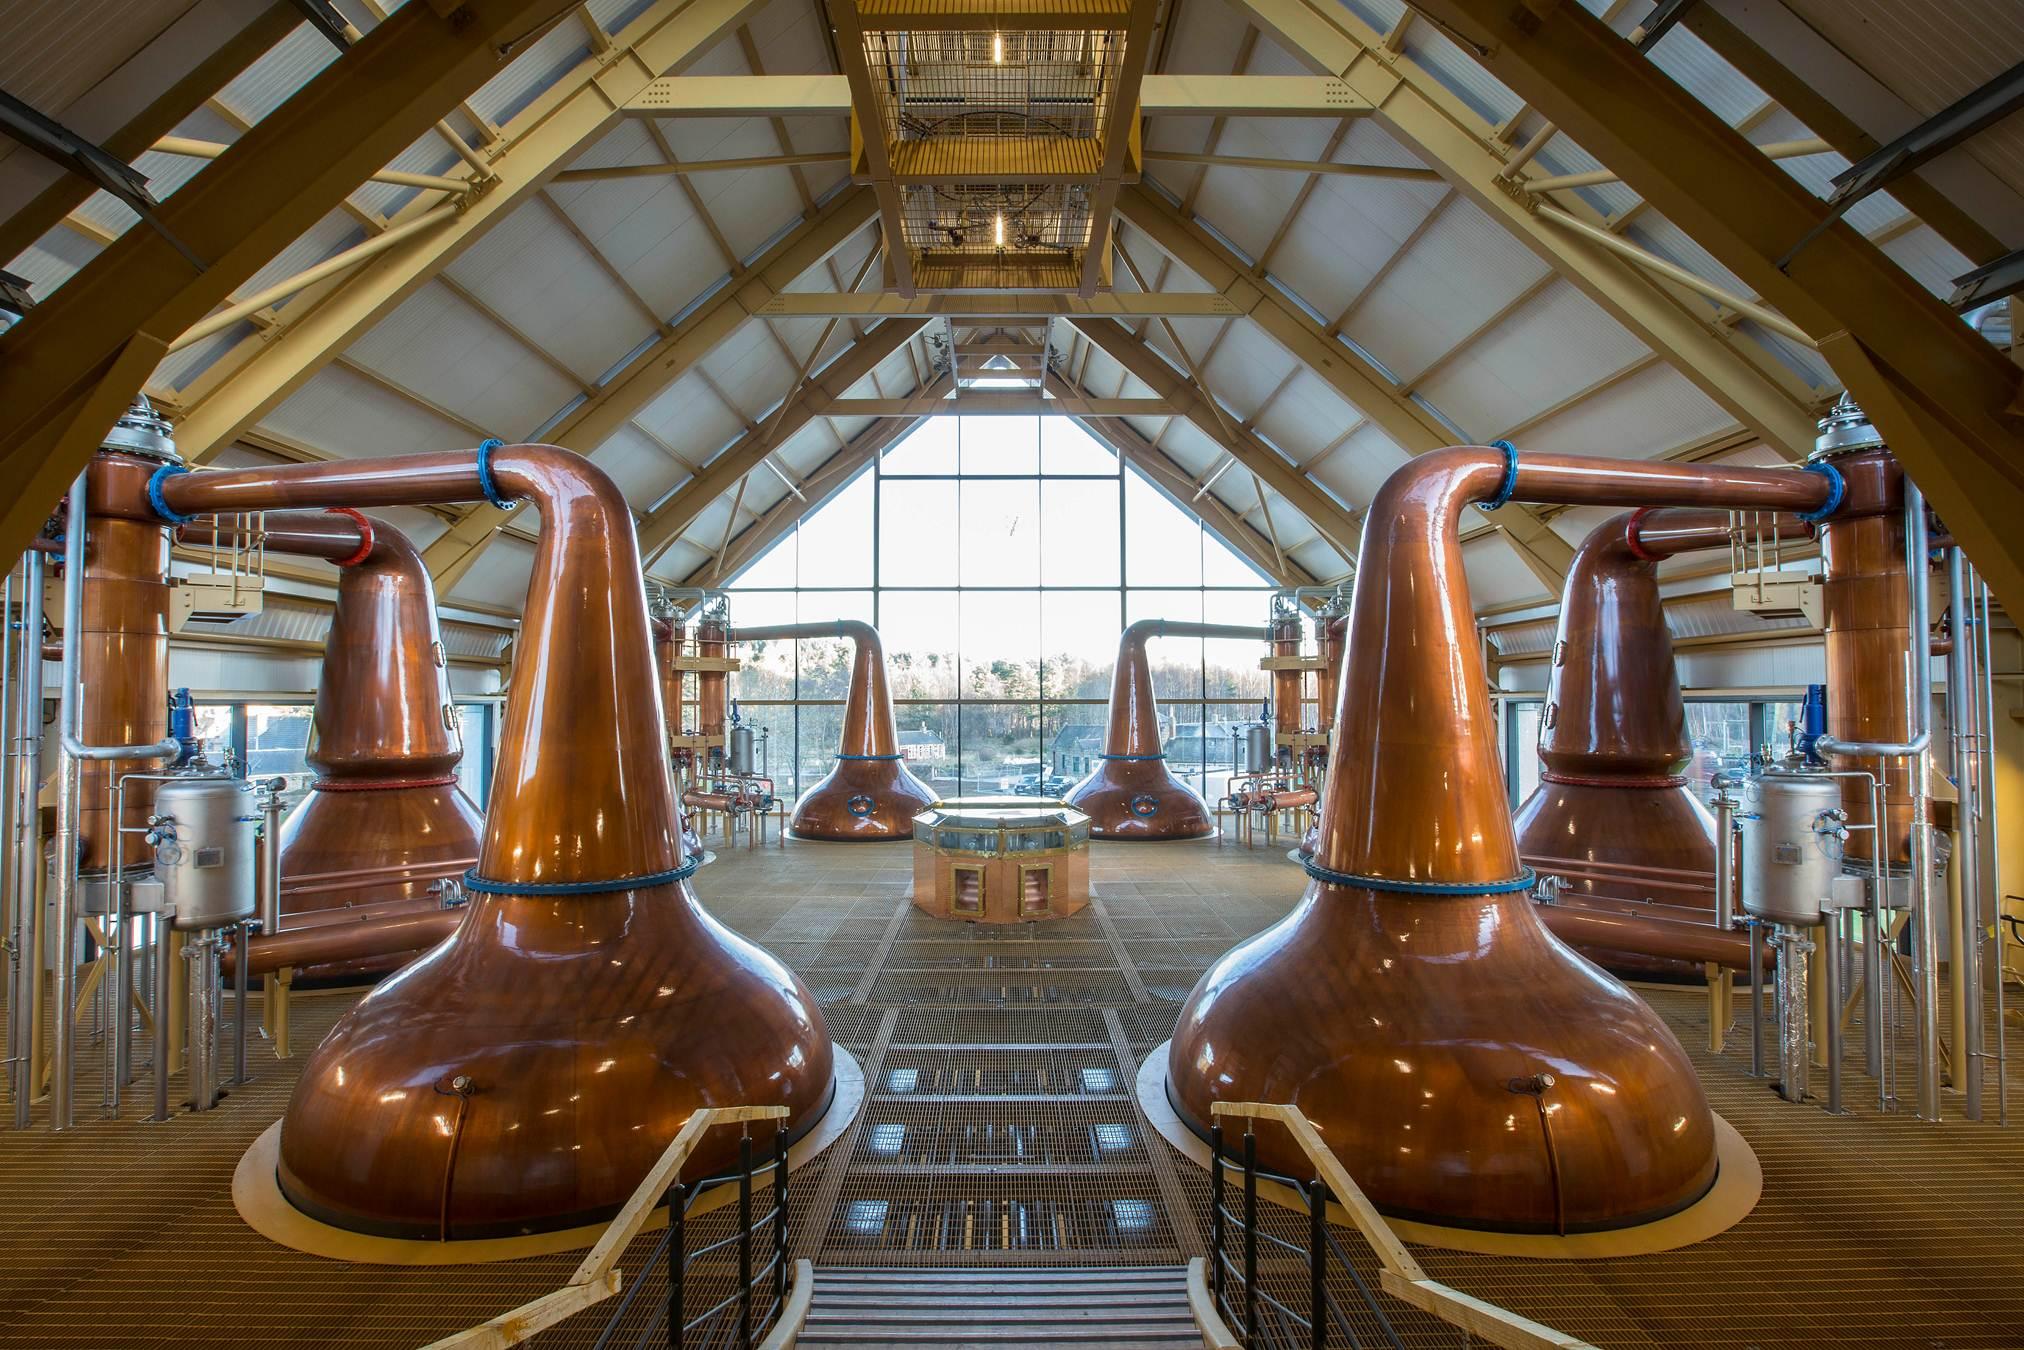 Chivas Brothers : la nouvelle distillerie de whisky de malt à Speyside